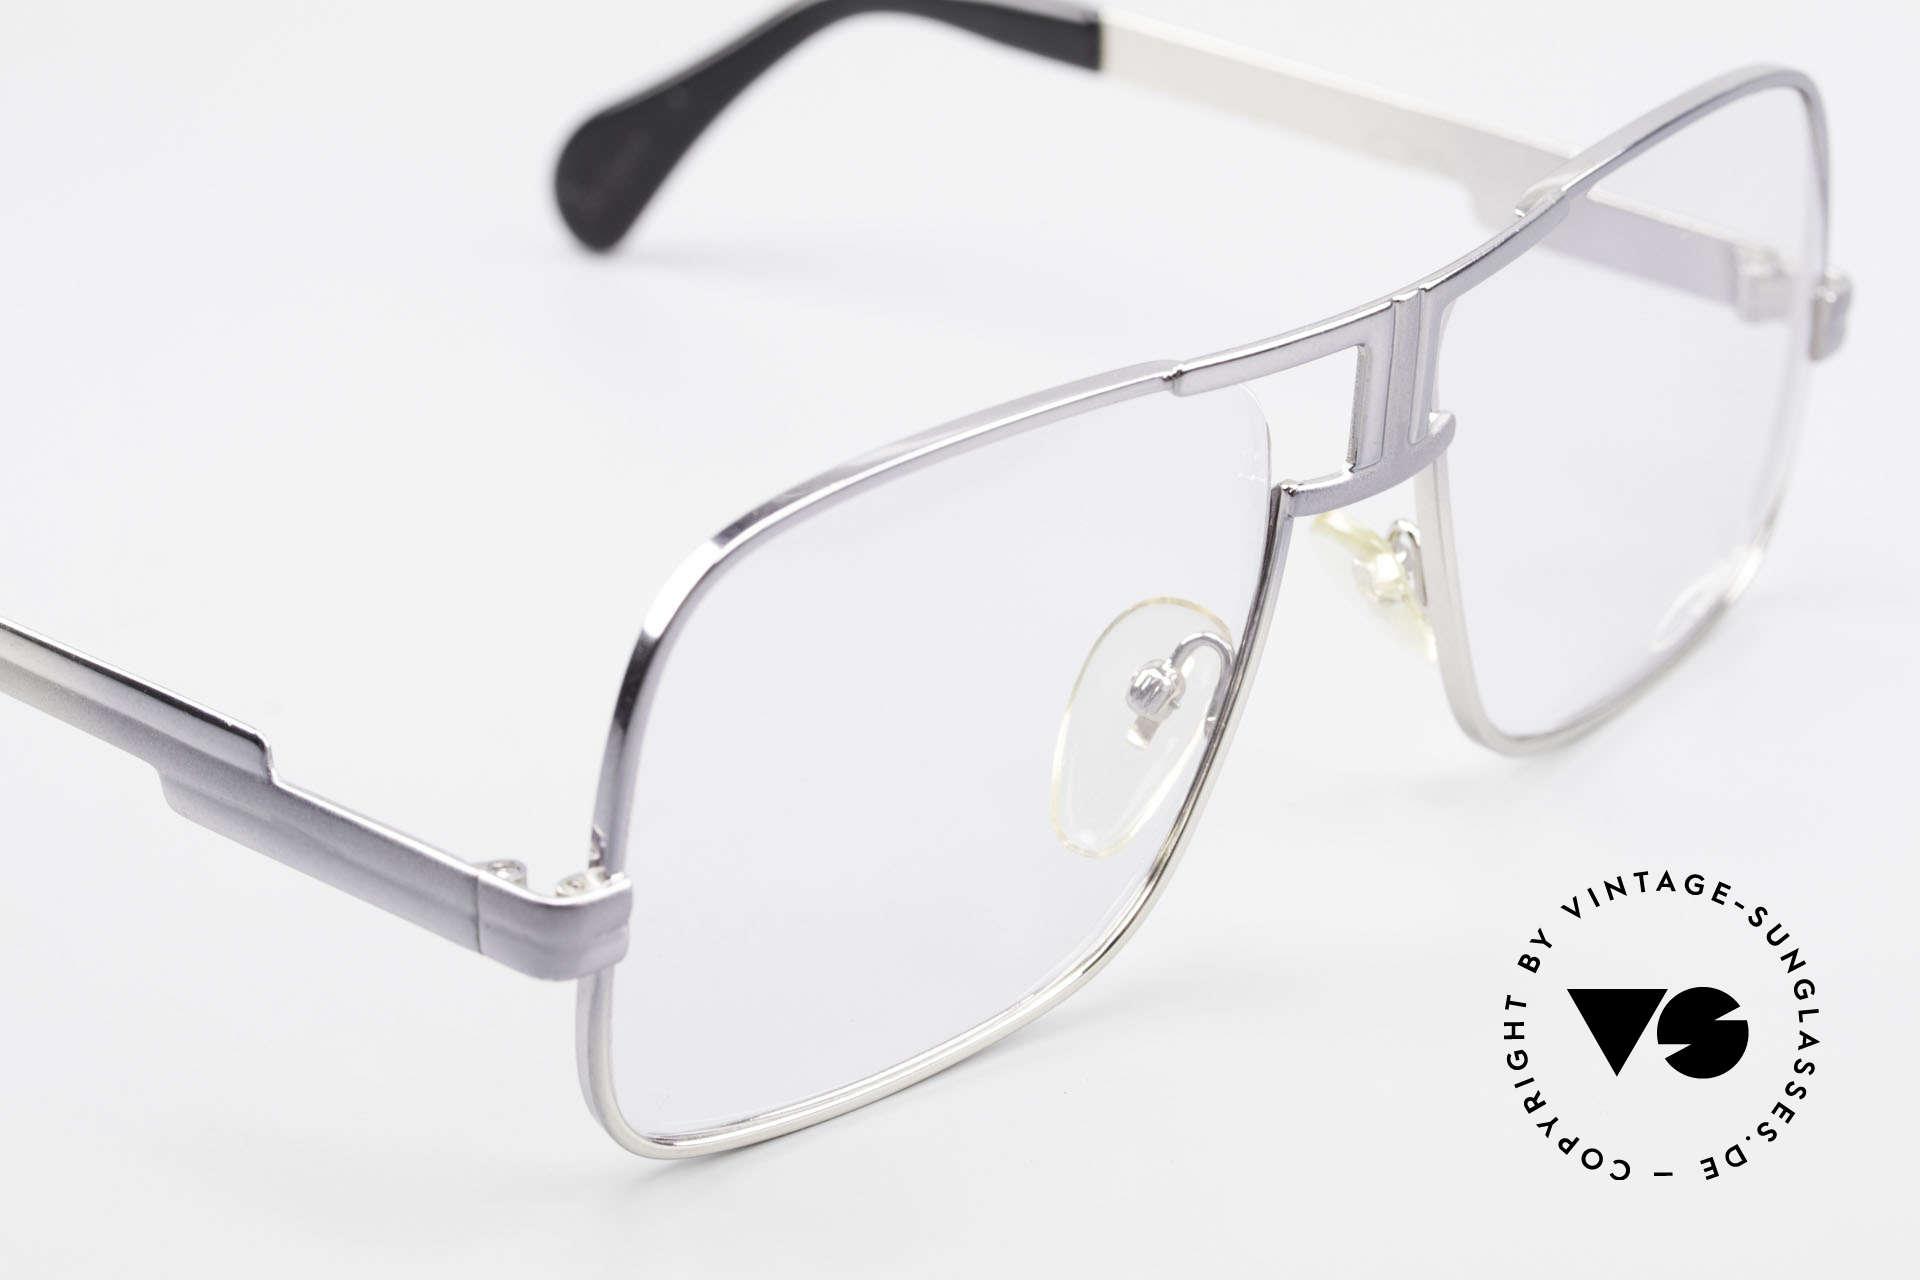 Cazal 701 Ultra Seltene Cazal 70er Brille, ungetragener Altbestand; Einzelstück; echte Rarität, Passend für Herren